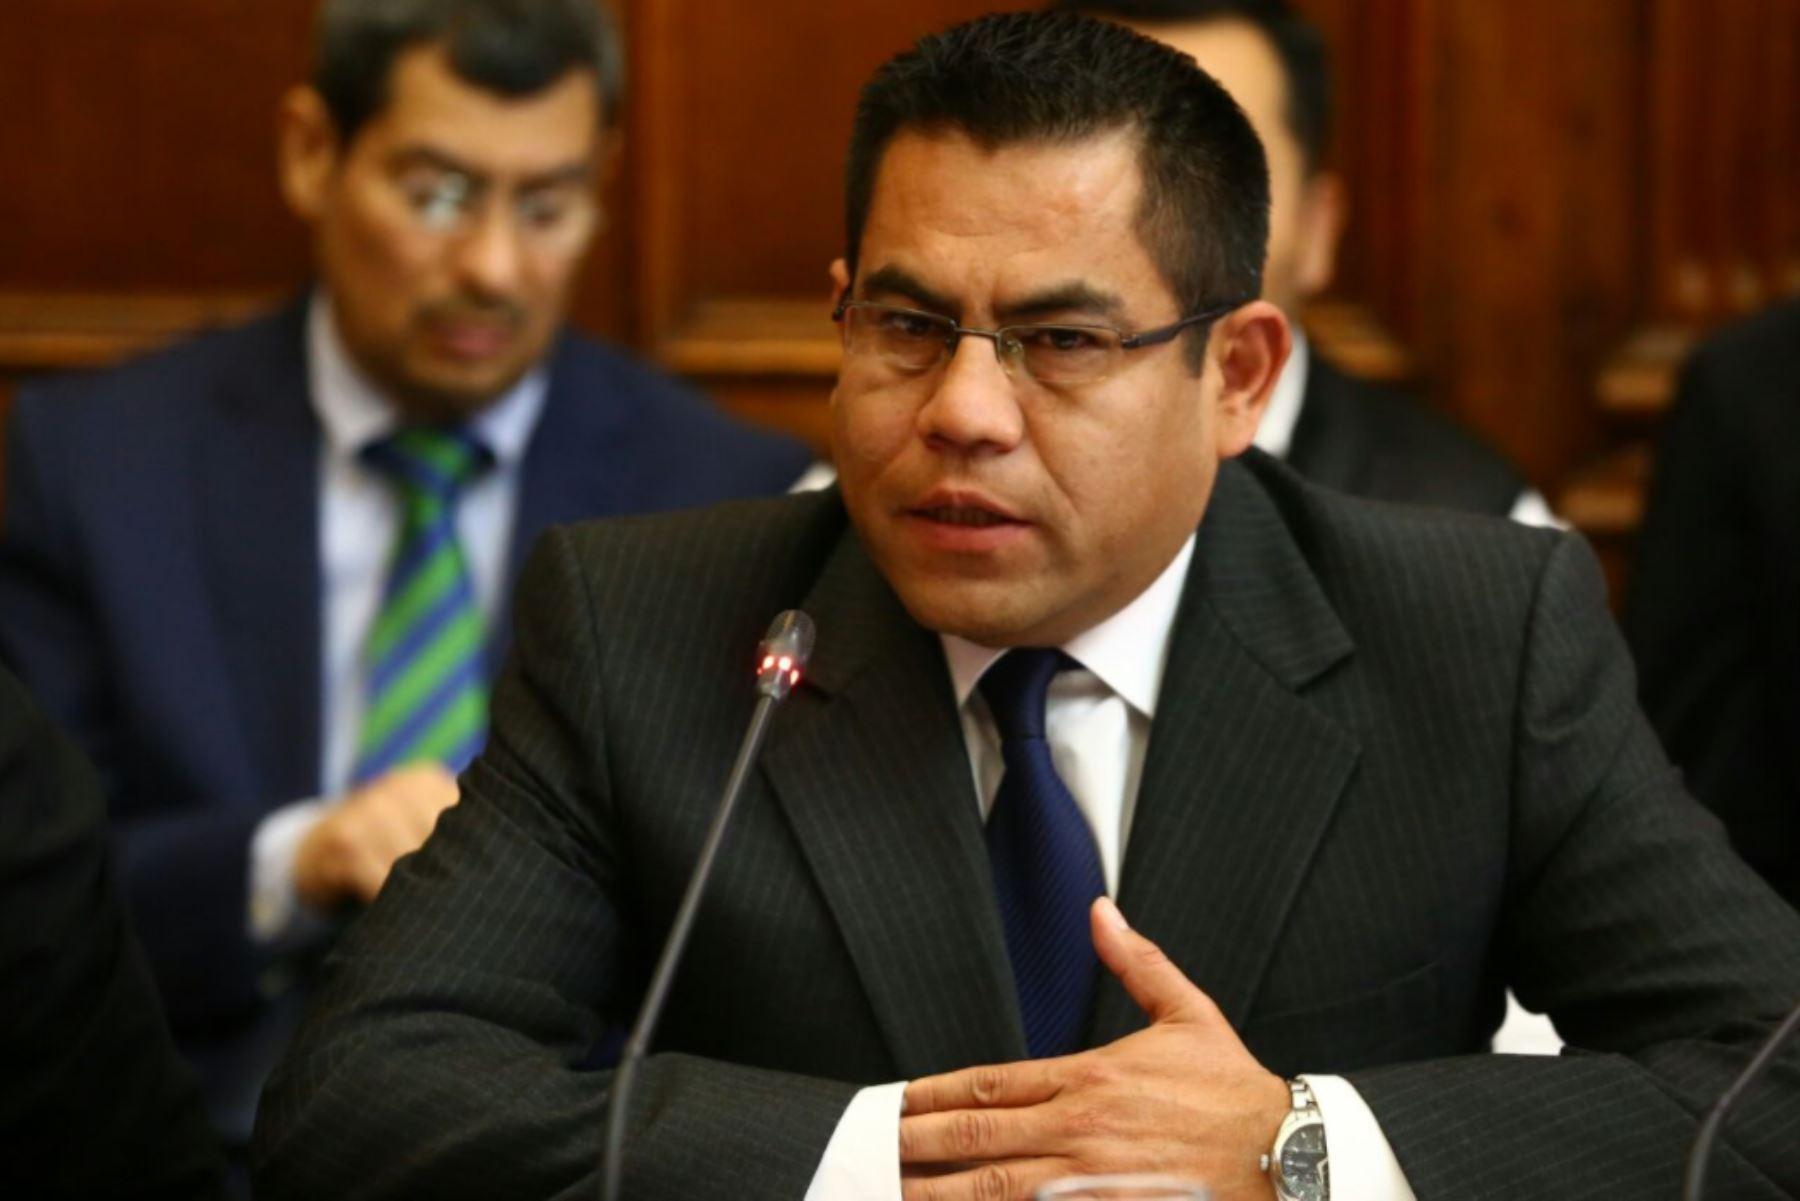 Exgerente de Seguridad Ciudadana de la Municipalidad Metropolitana de Lima Gabriel Prado. Foto: Congreso.